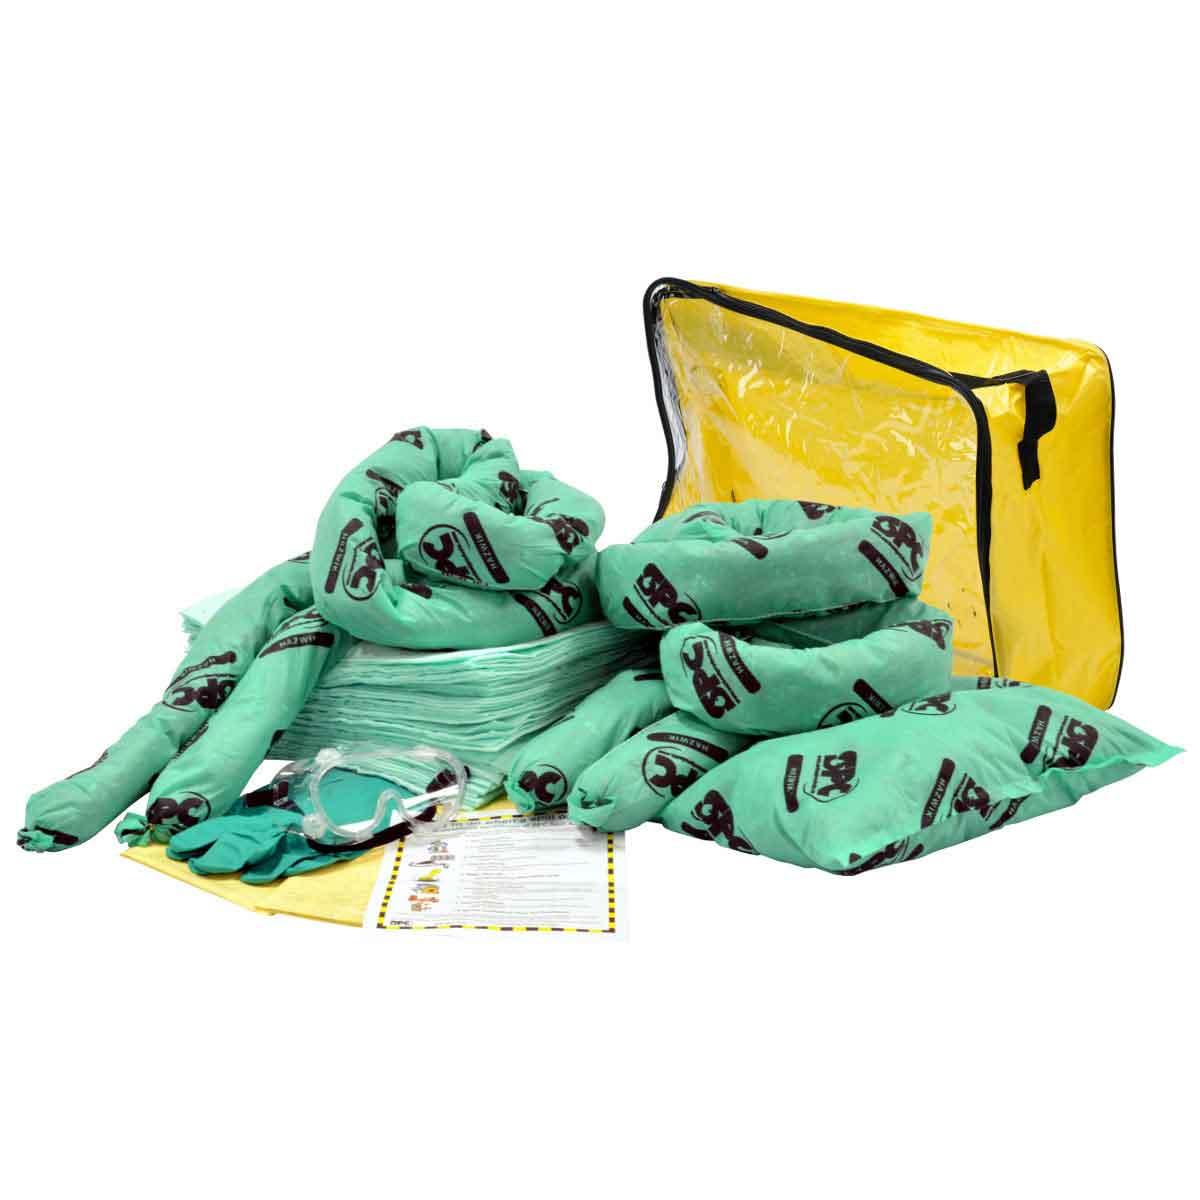 Emergency Response Kit Emergency Response Portable